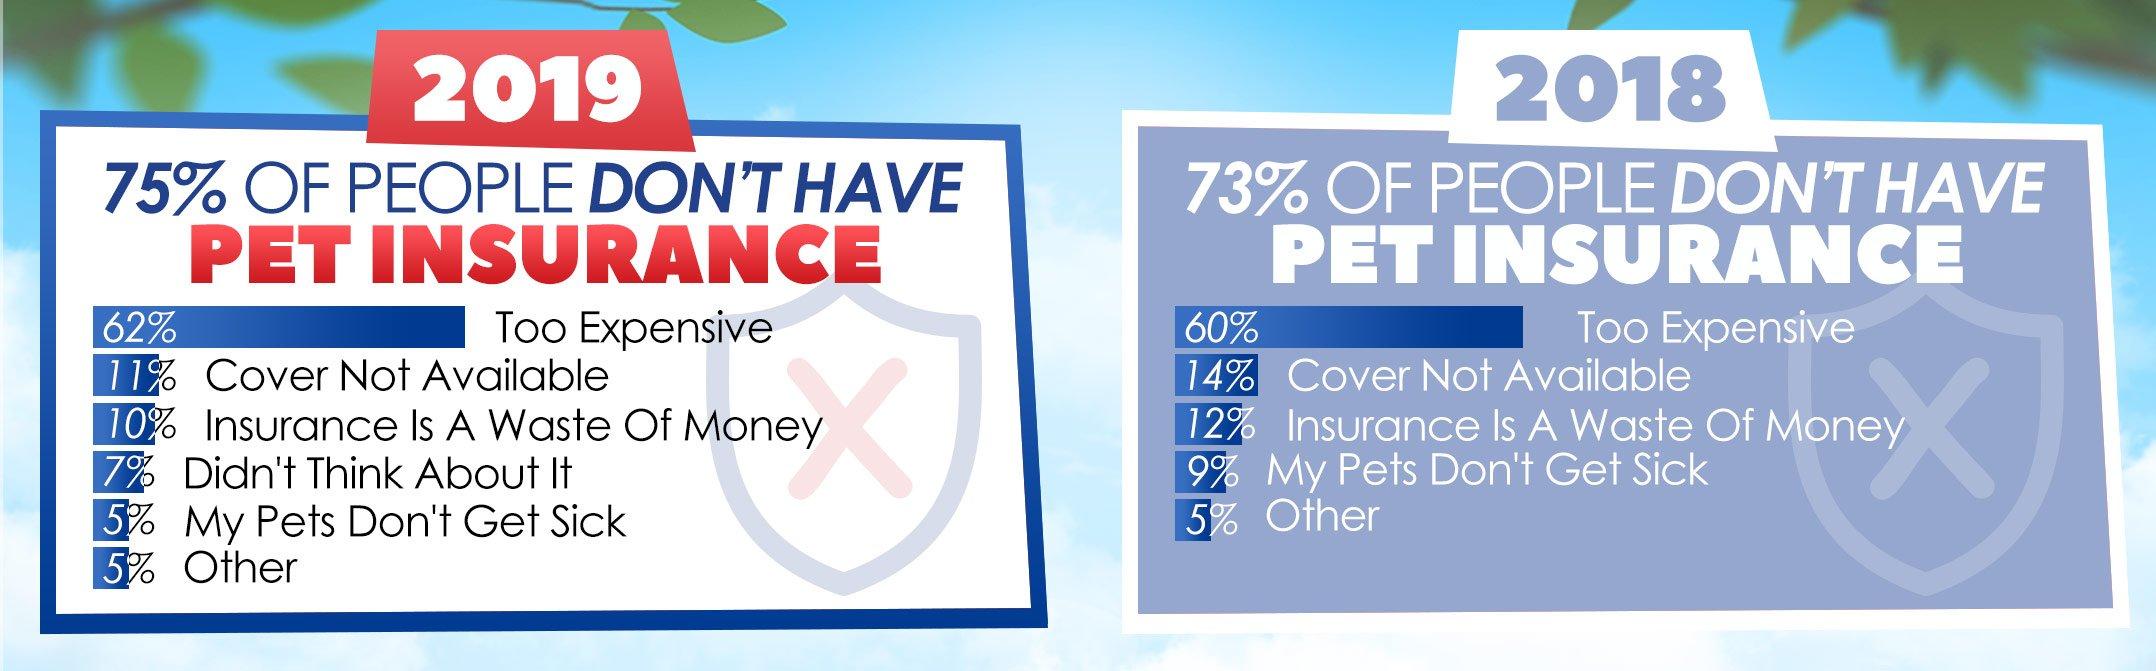 Pet Insurance Survey